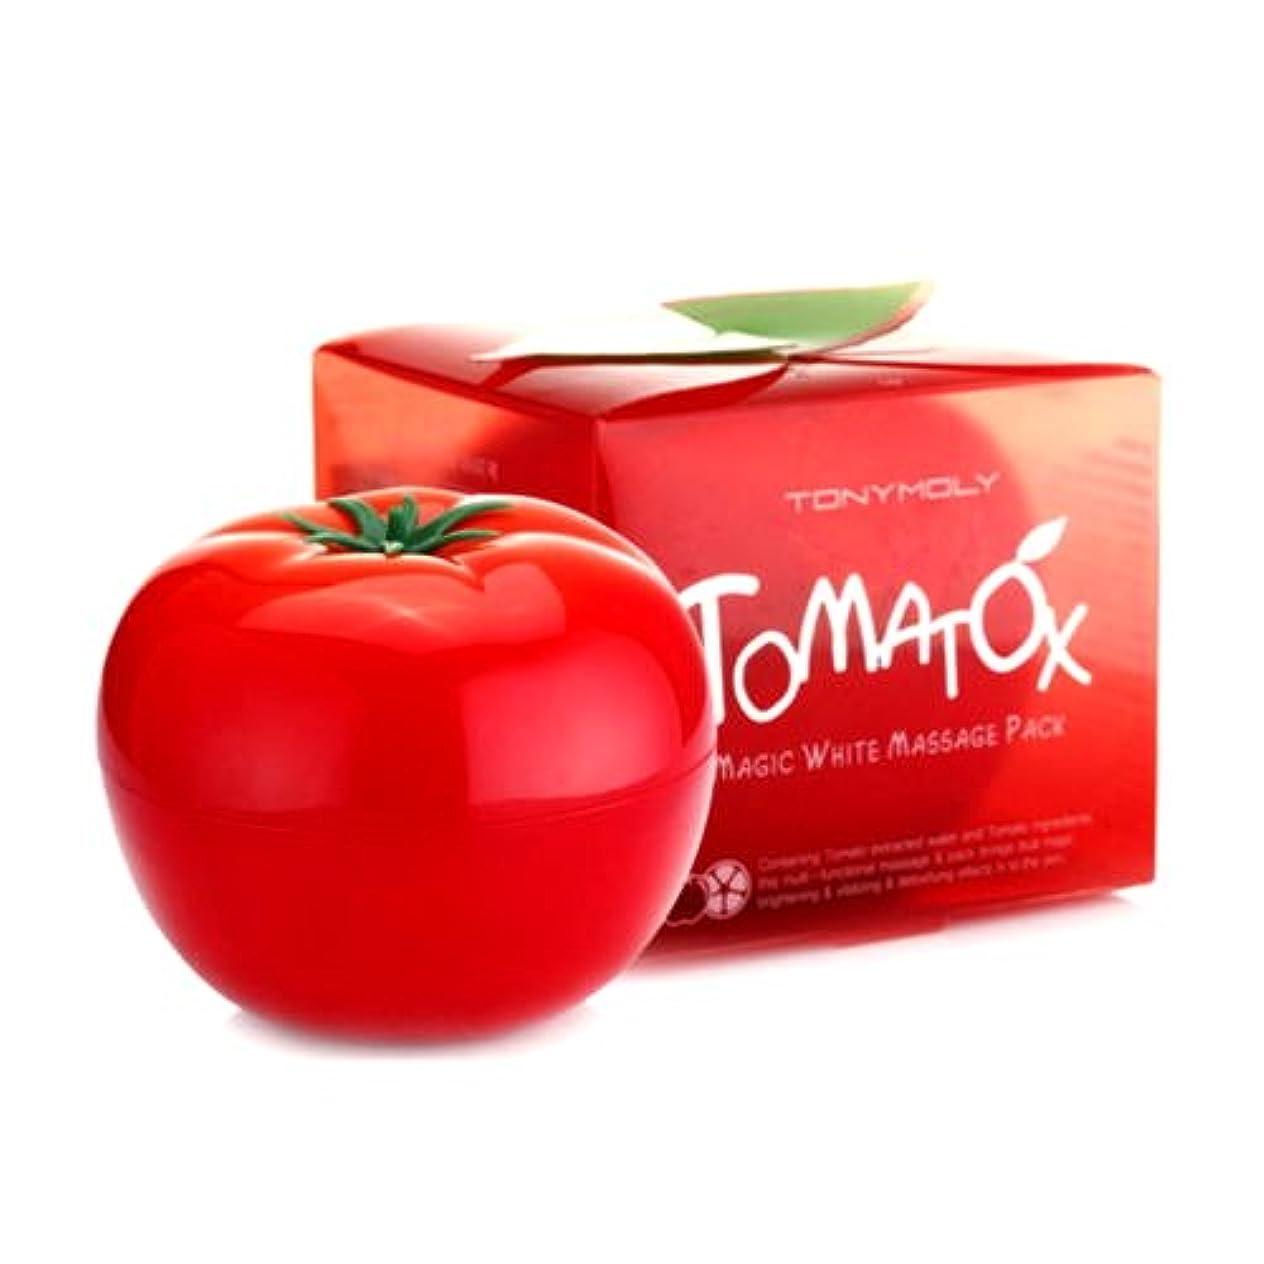 協定シュリンクそれから(6 Pack) TONYMOLY Tomatox Magic Massage Pack (並行輸入品)